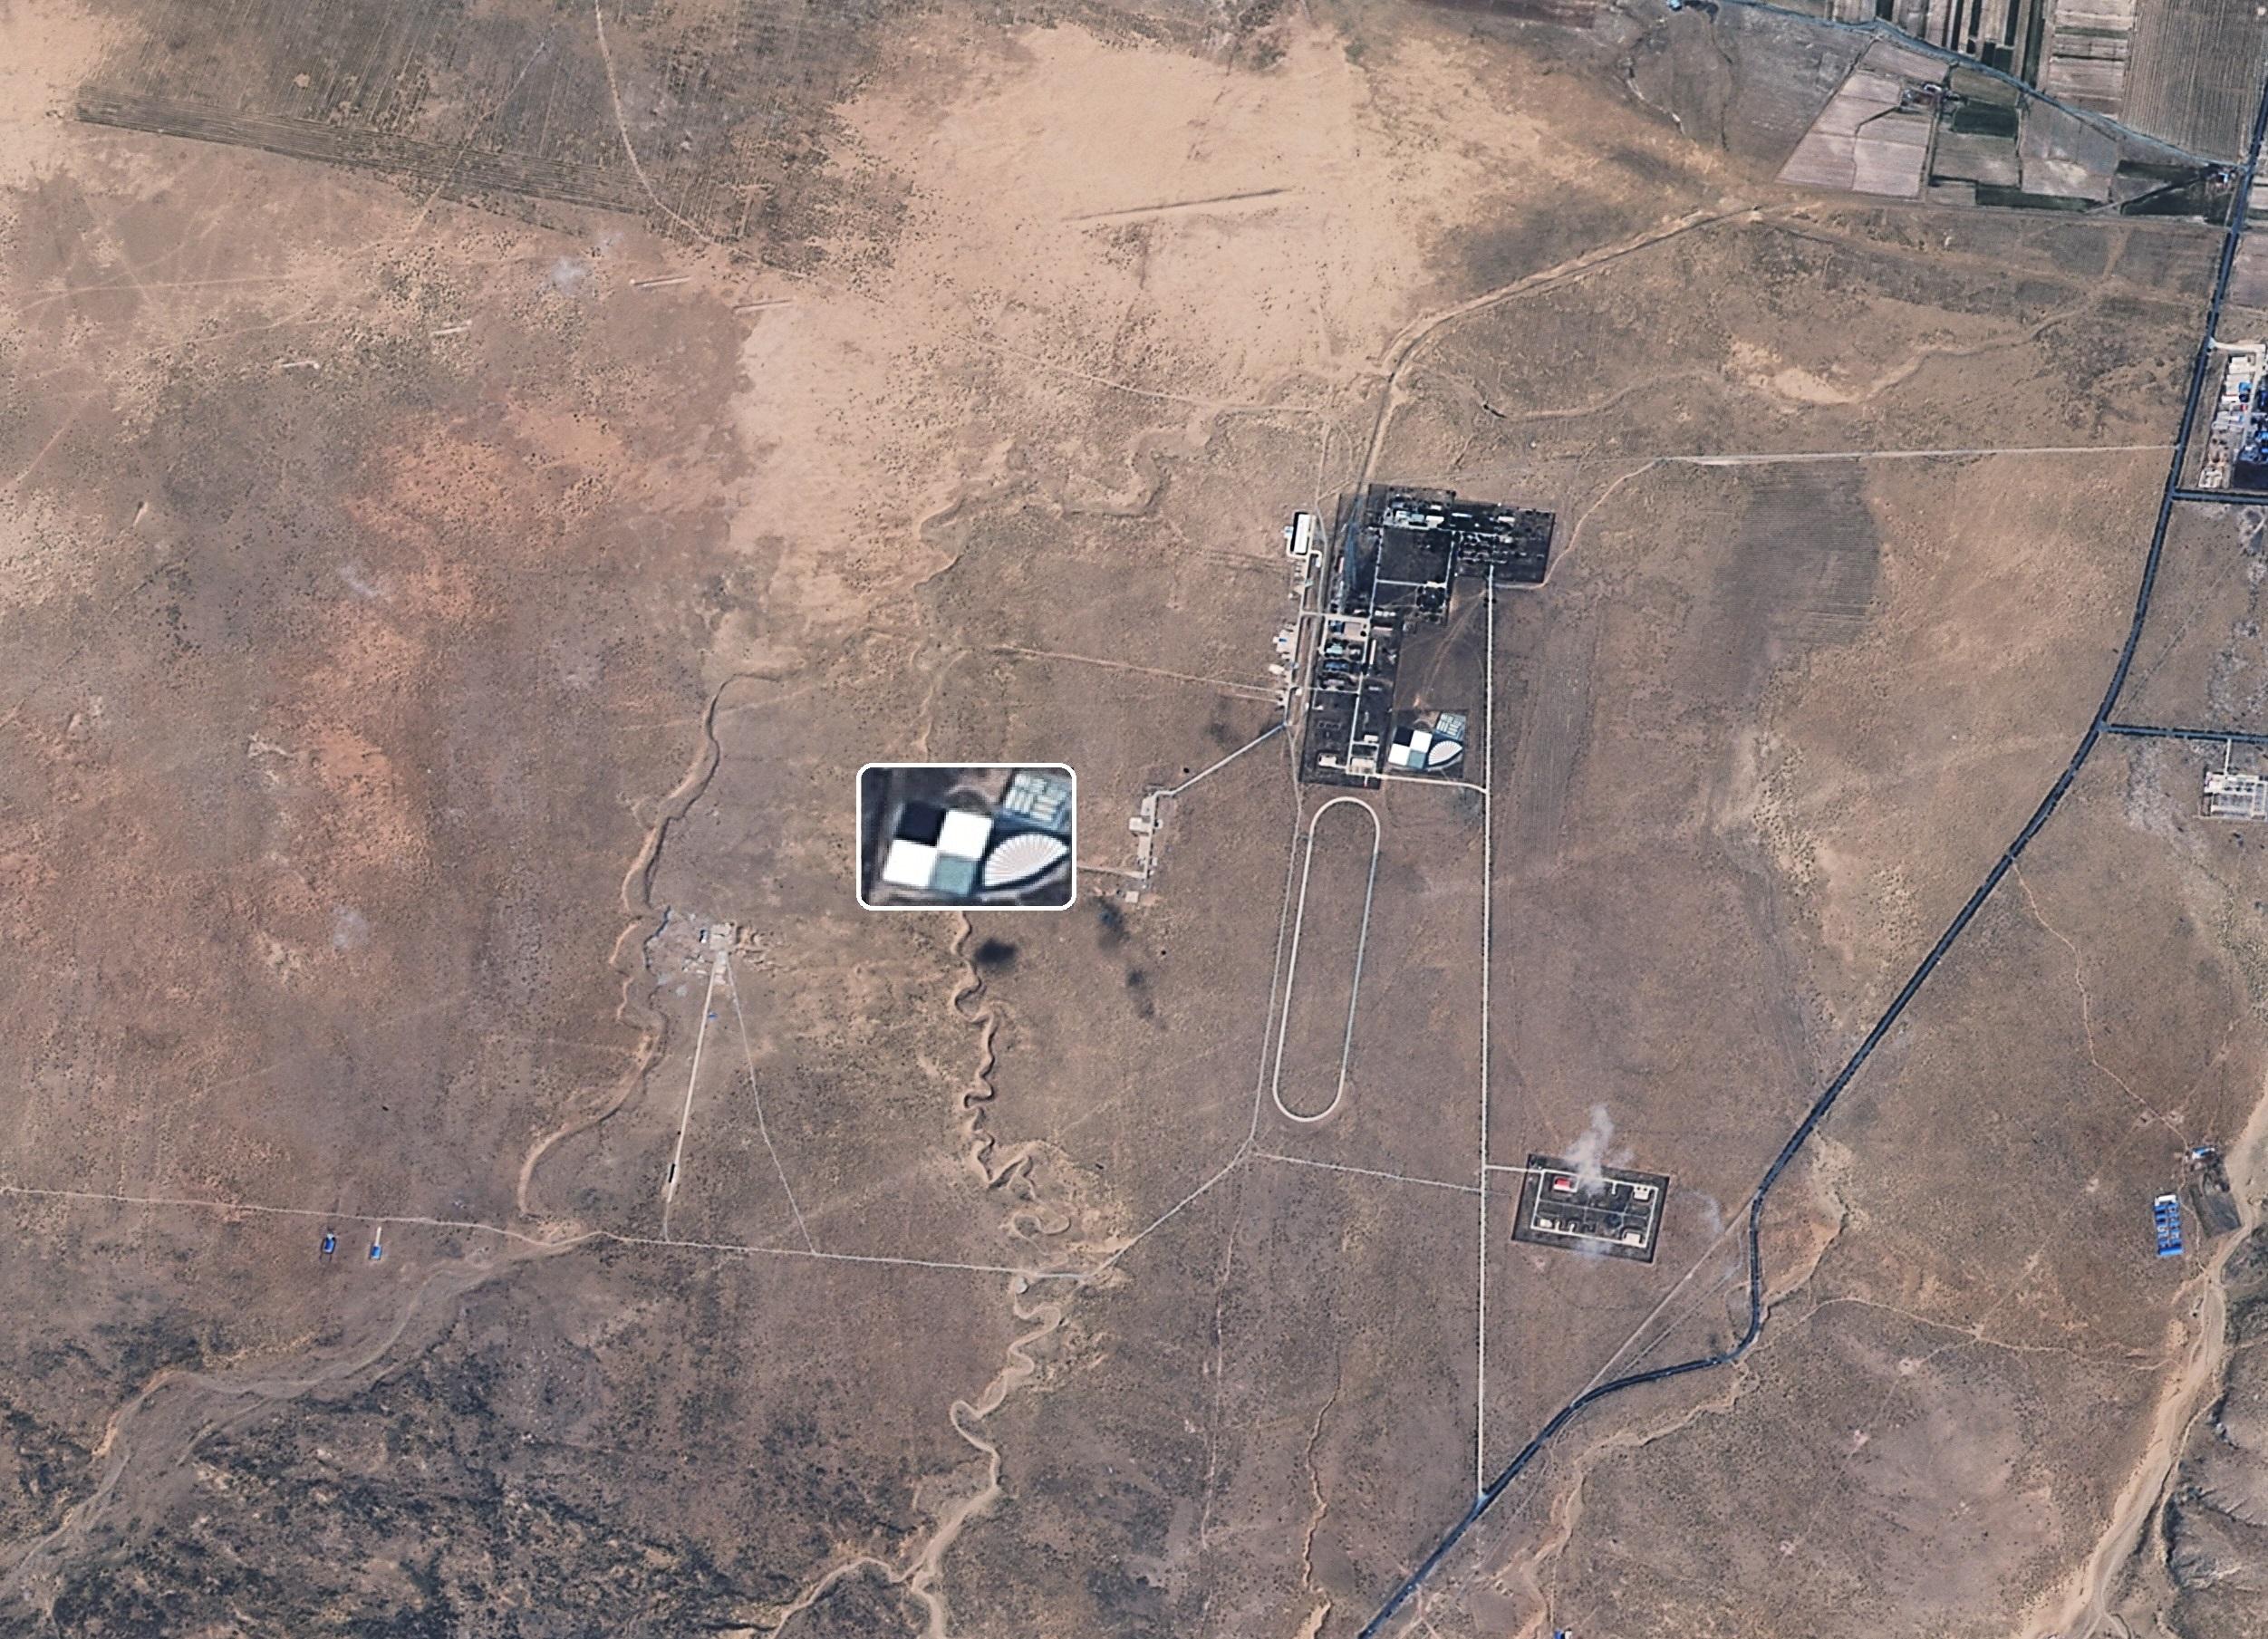 Göktürk-2 Görüntü Analiz Desenleri